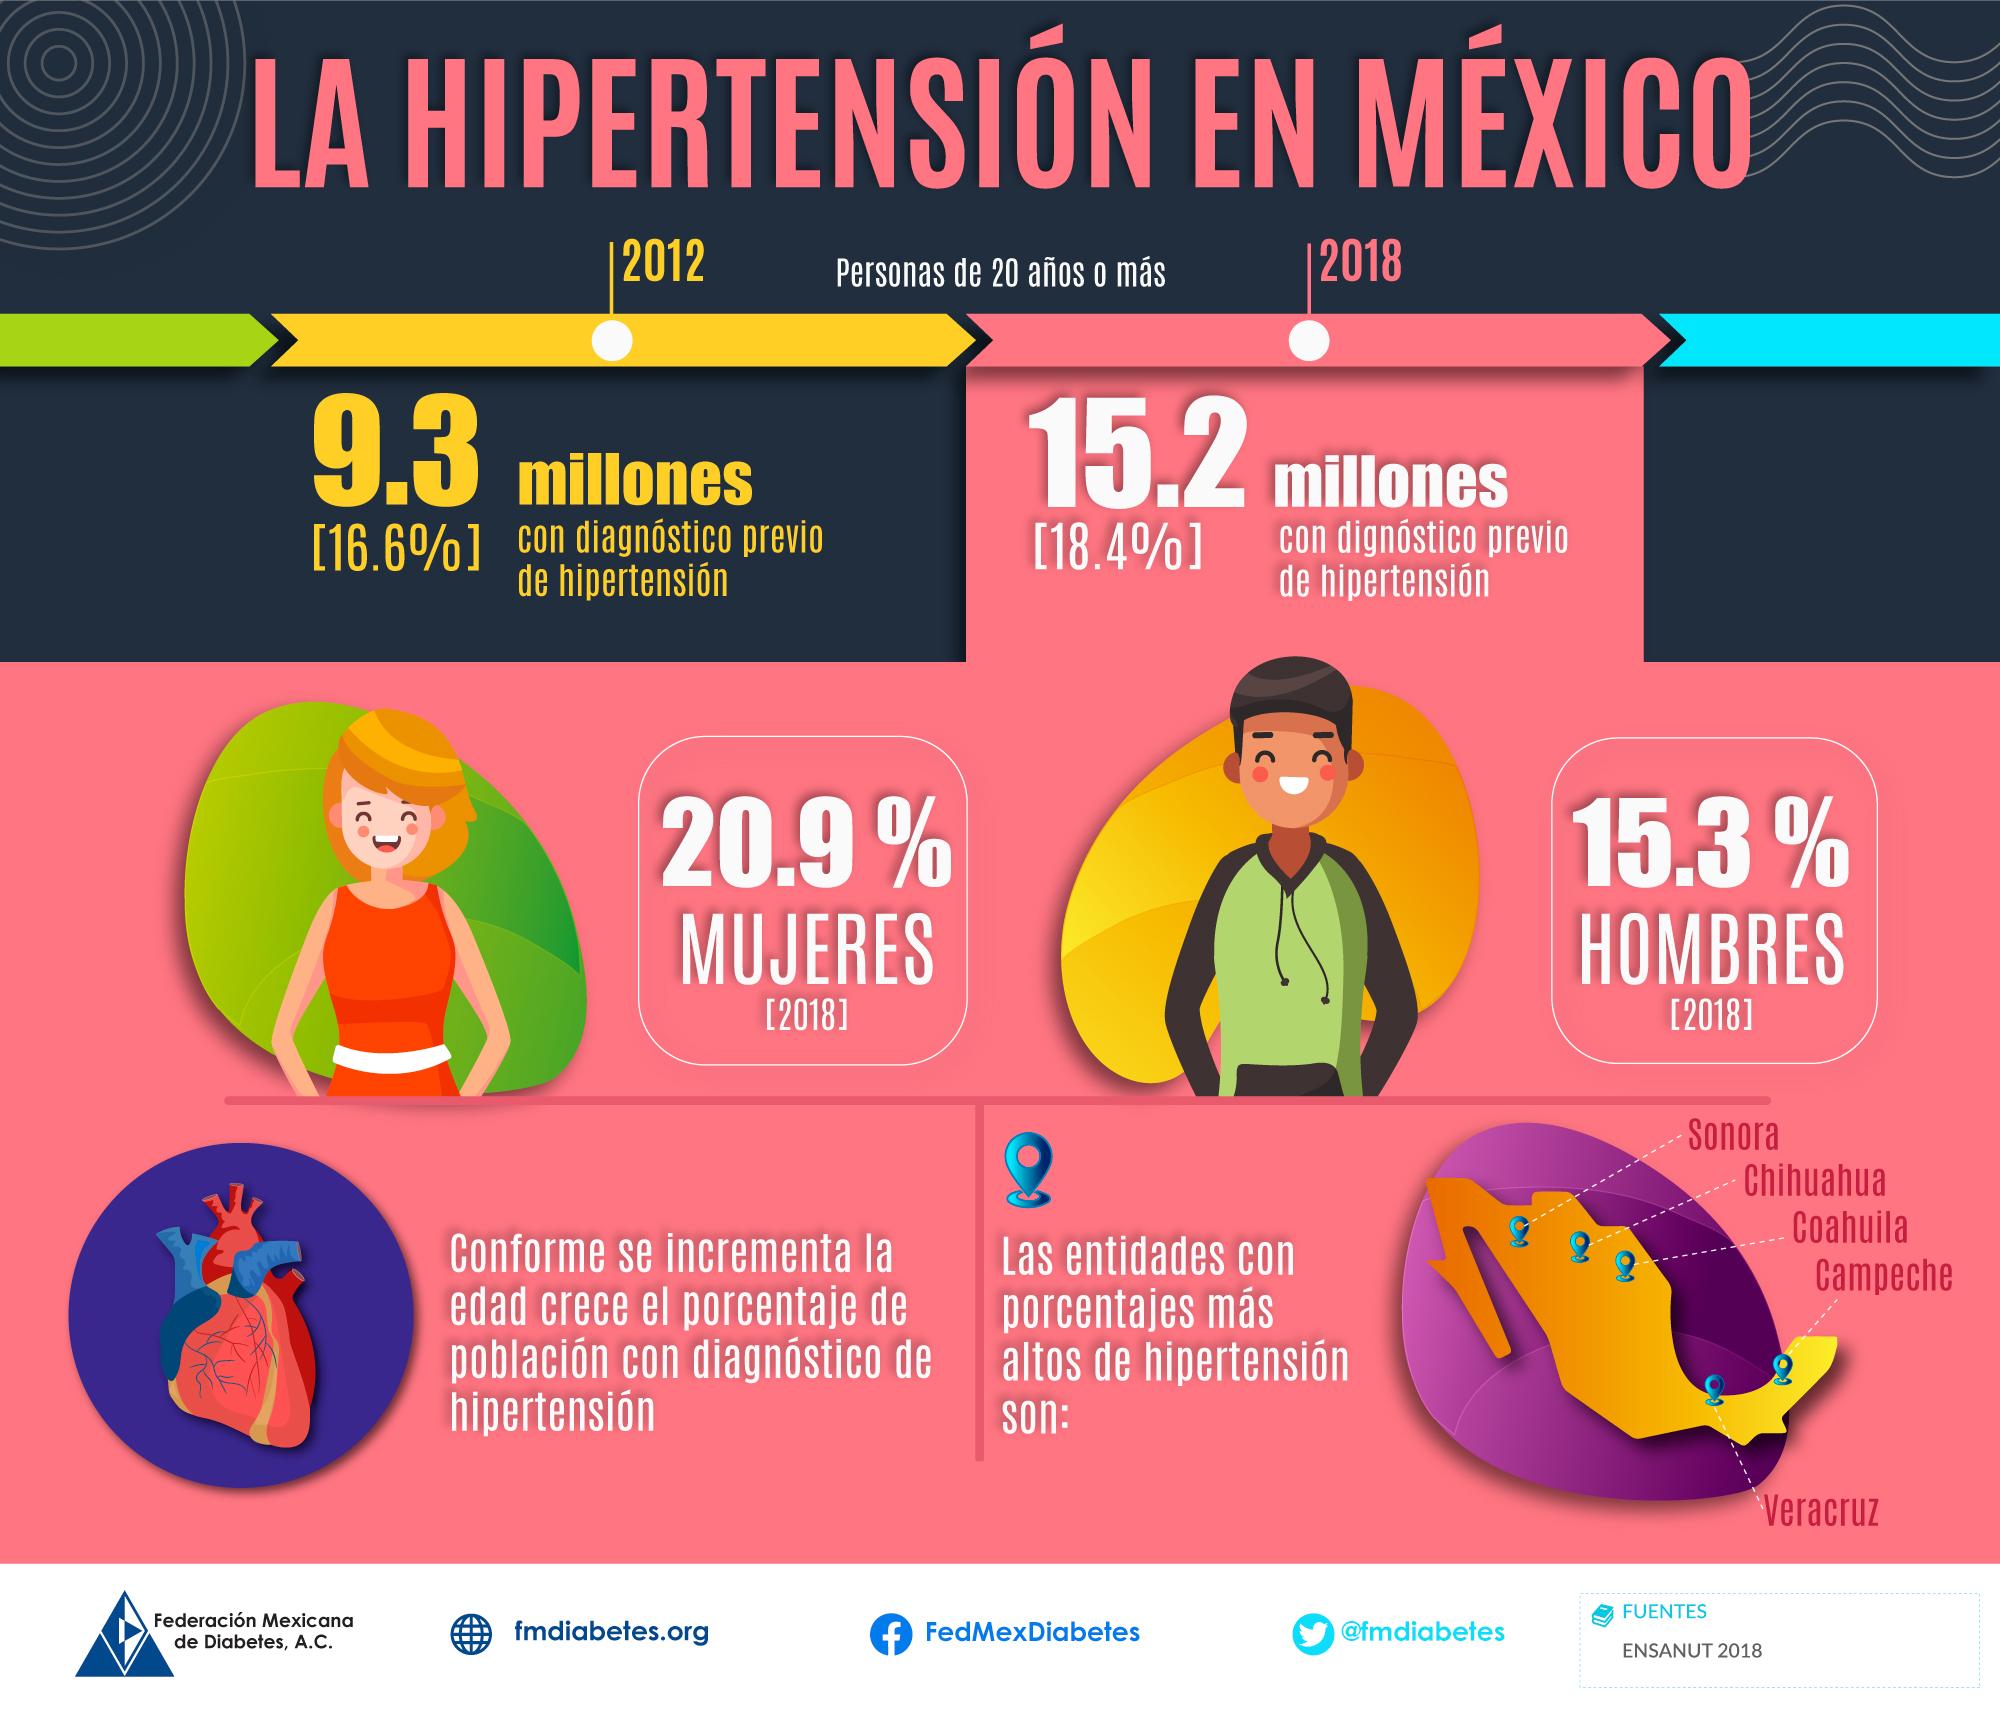 Hipertensión en México